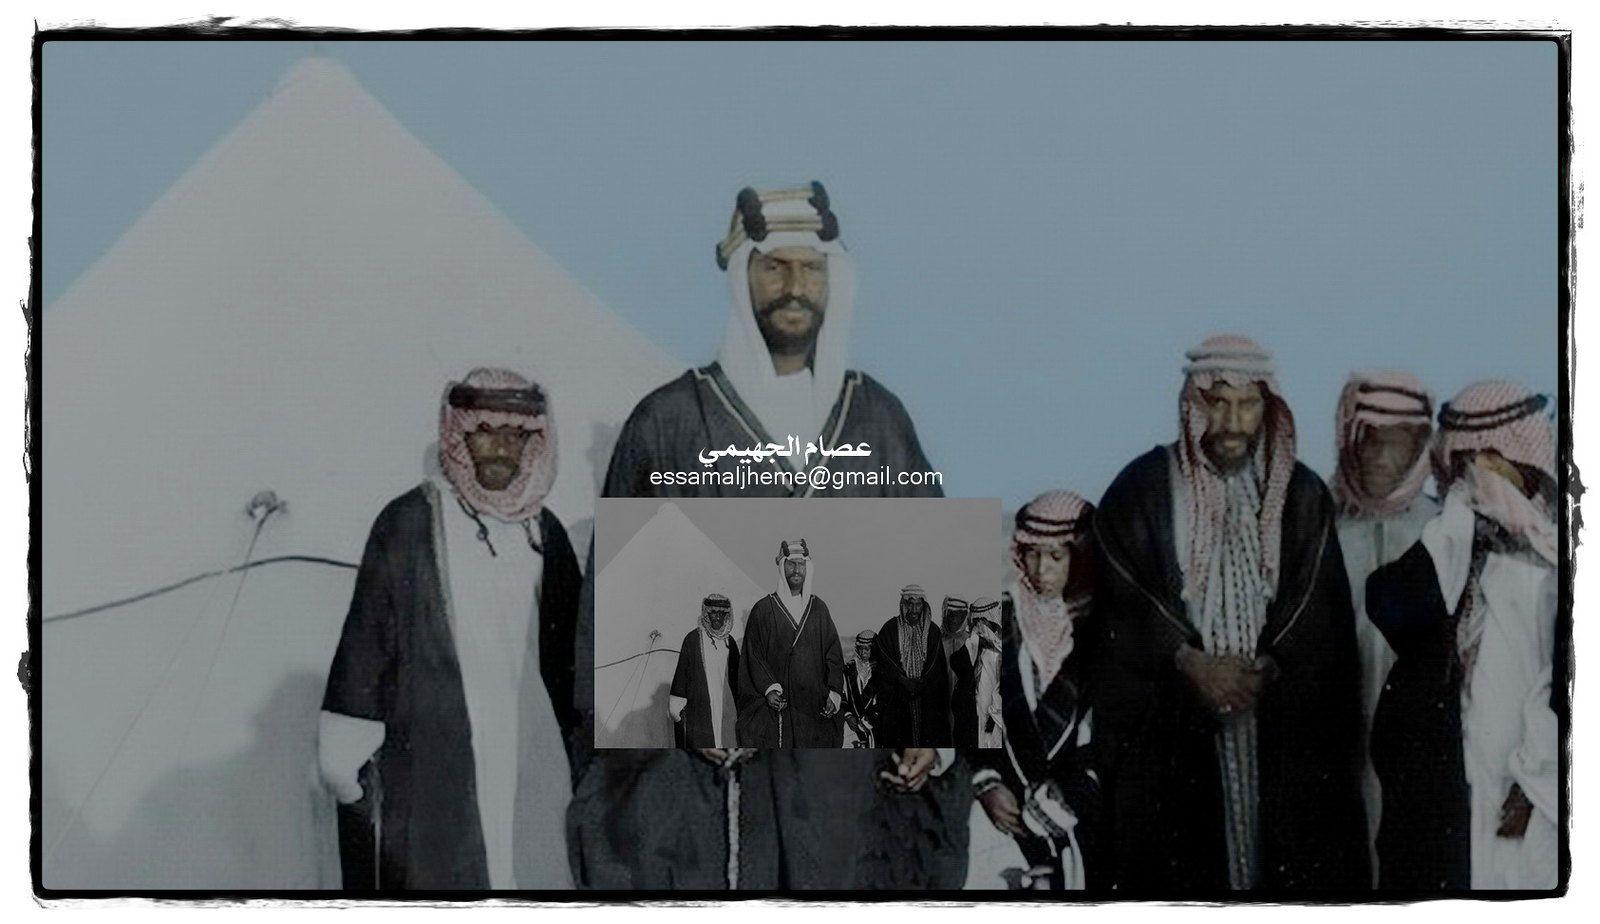 الملك عبدالعزيز بن عبدالرحمن ال سعود Rare Pictures My Images Black And White